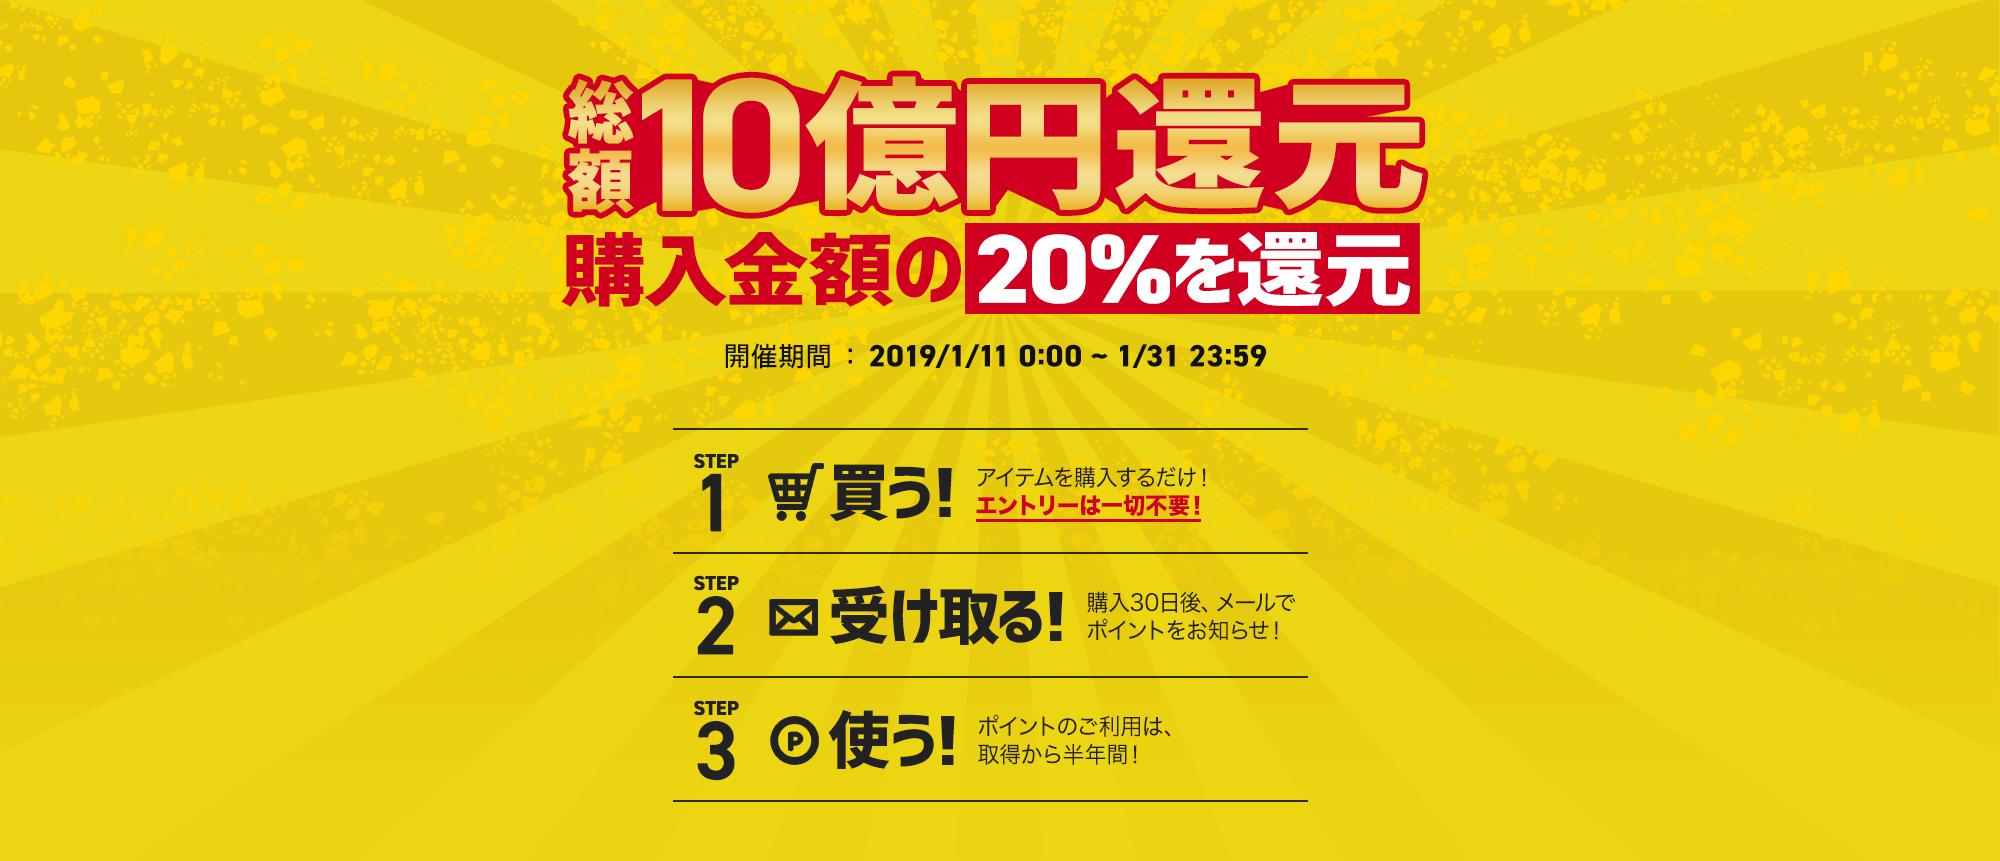 ファッション通販「ロコンド」で何か買うと20%ポイントバック。~1/31。